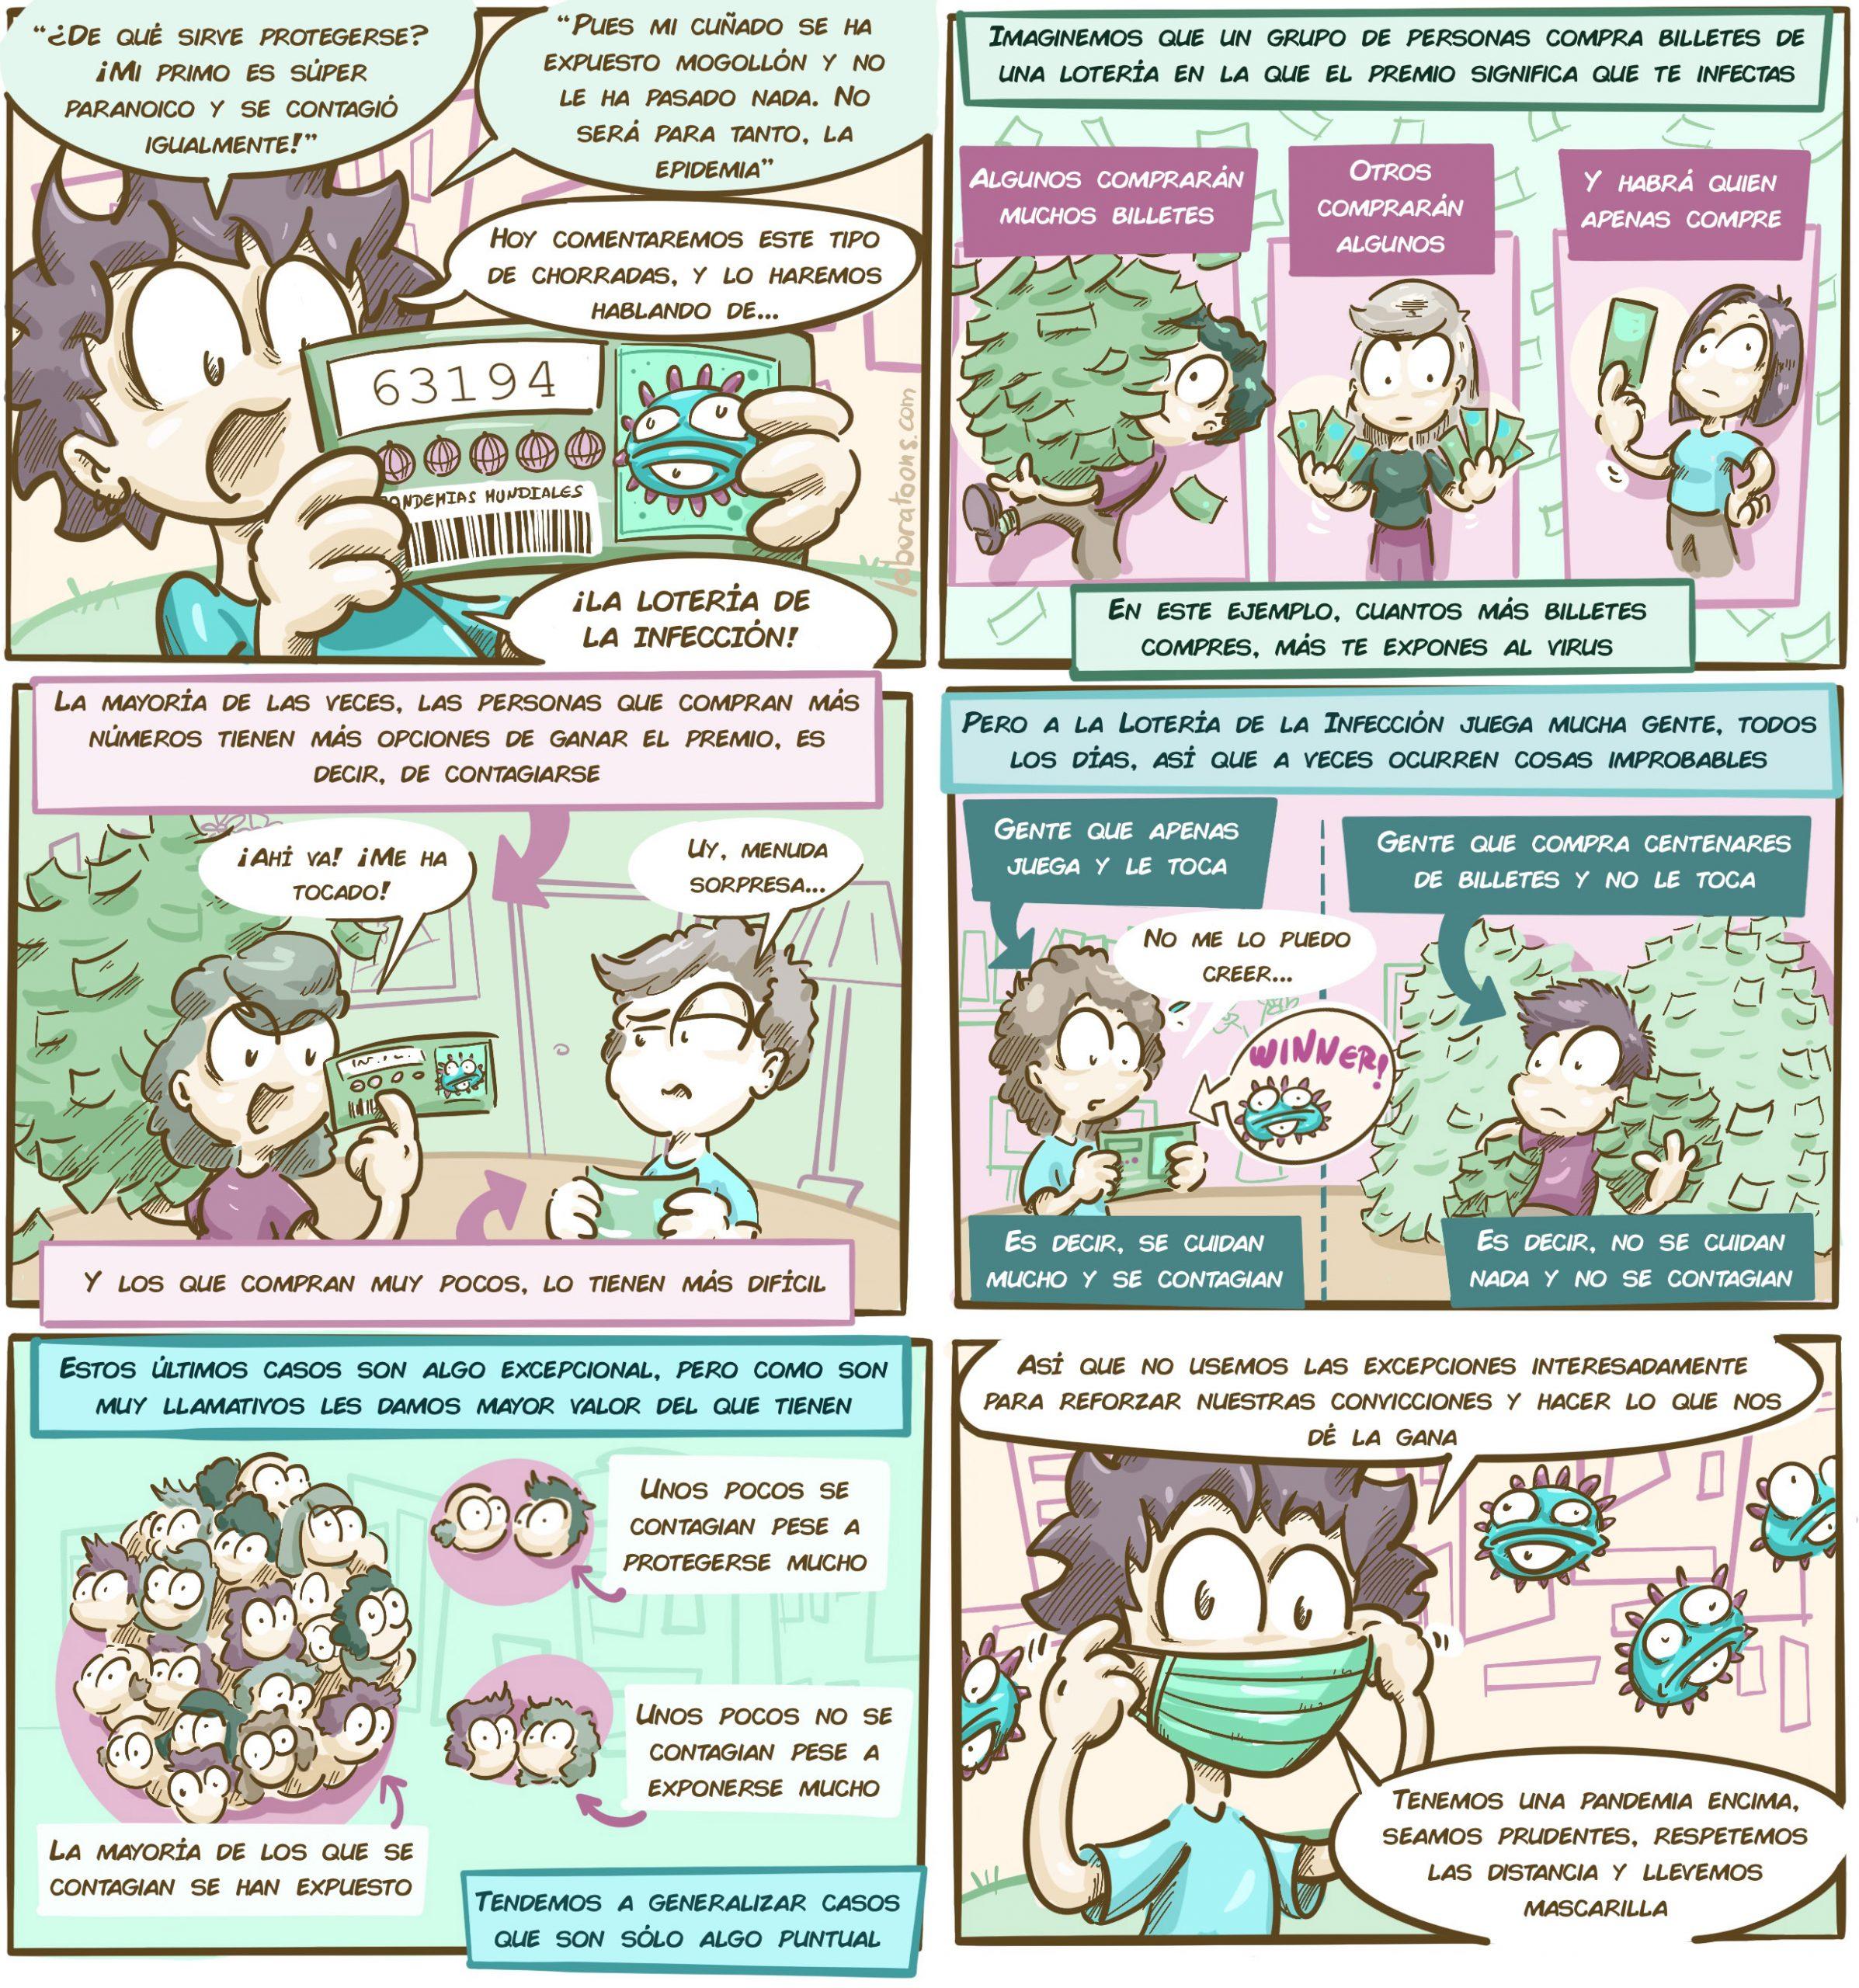 Lotería coronavirus infección